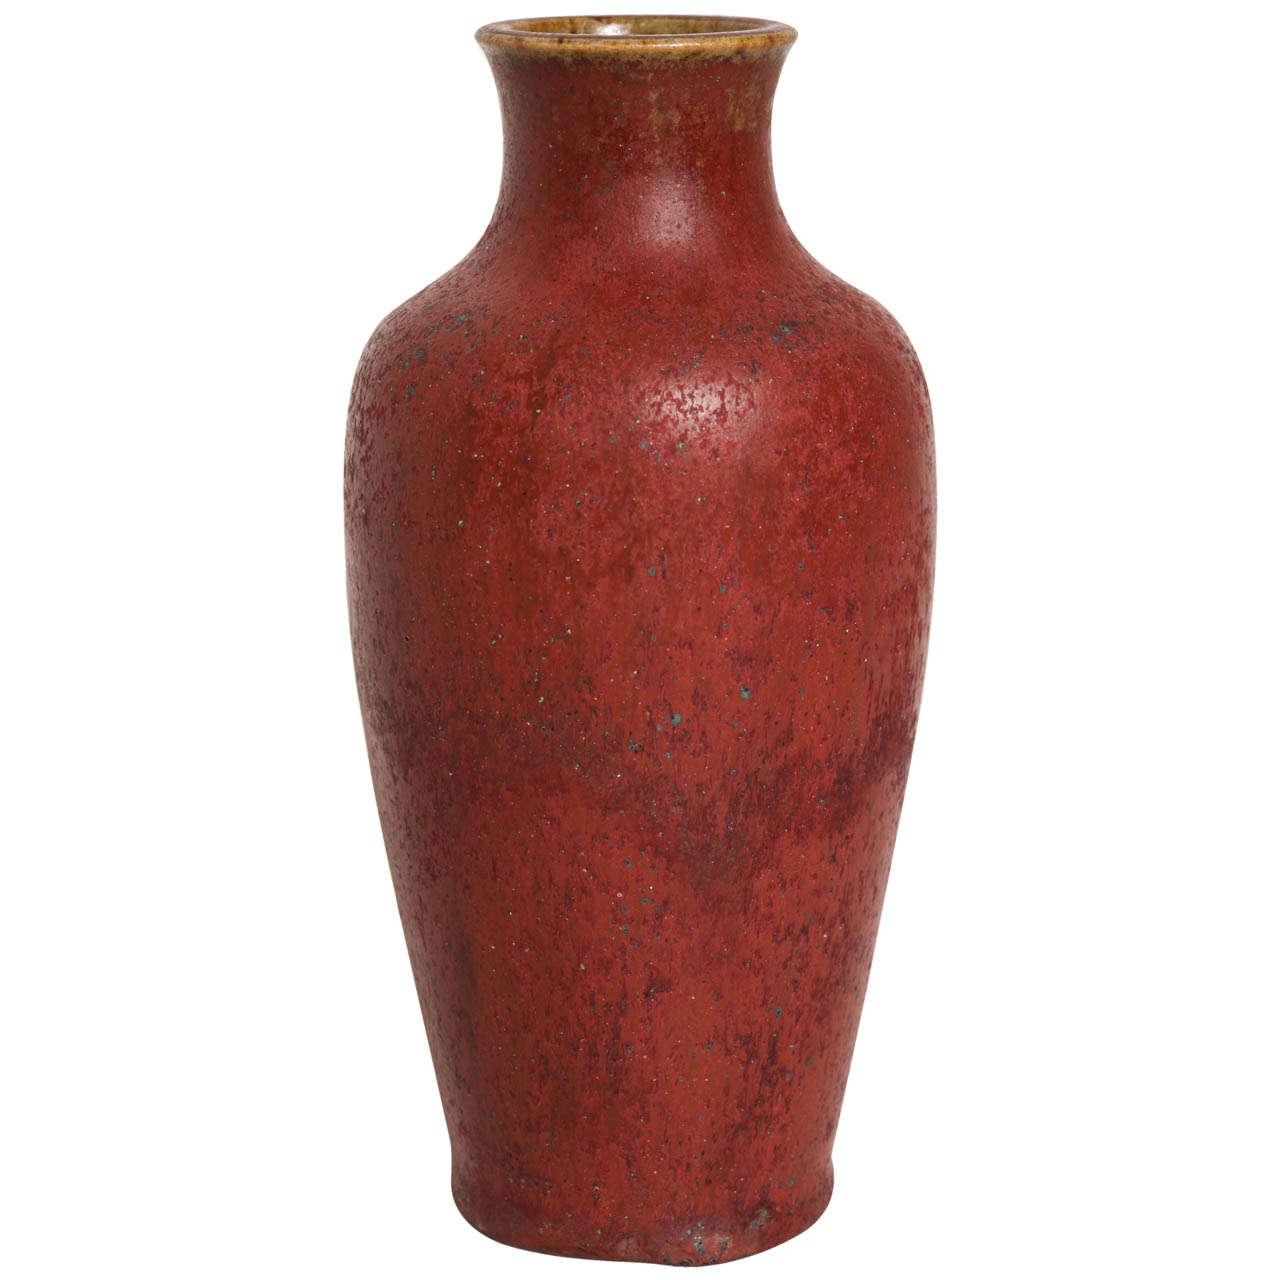 mile decoeur art deco red stoneware vase at 1stdibs. Black Bedroom Furniture Sets. Home Design Ideas